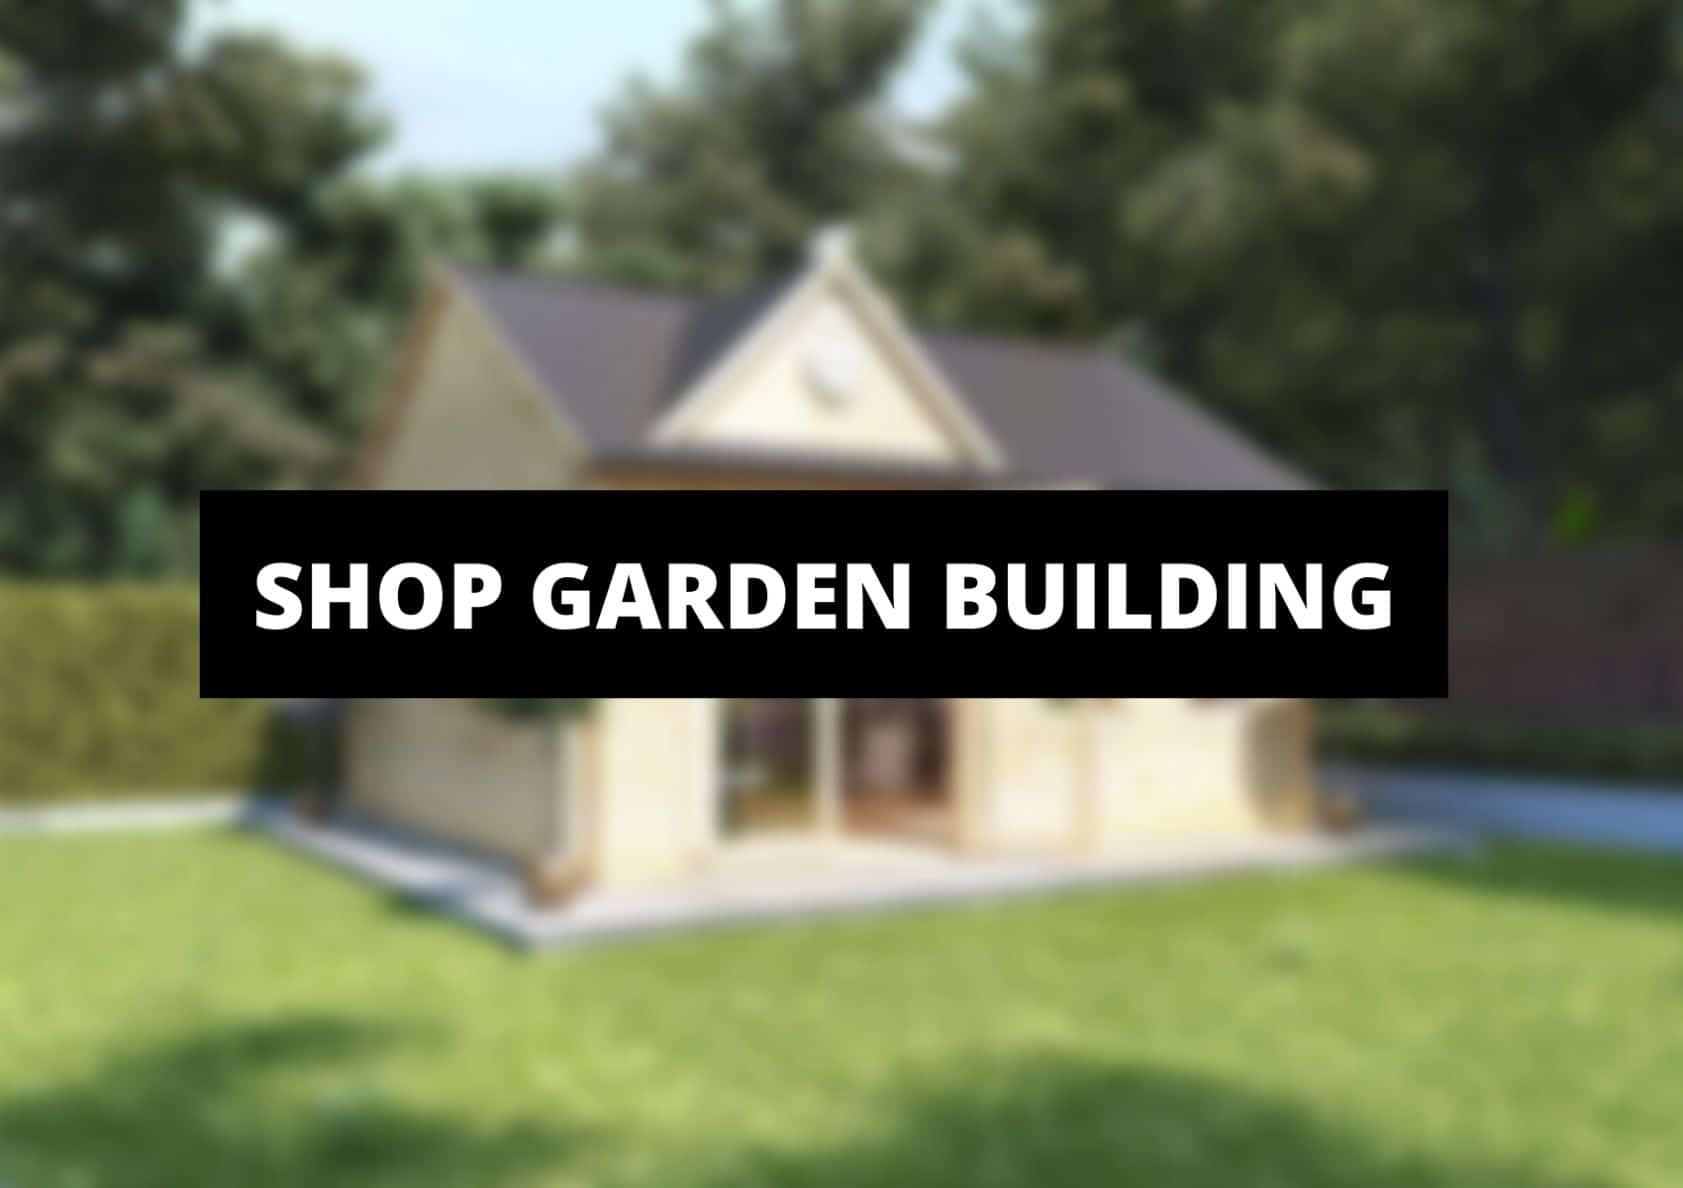 shop-garden-building-button